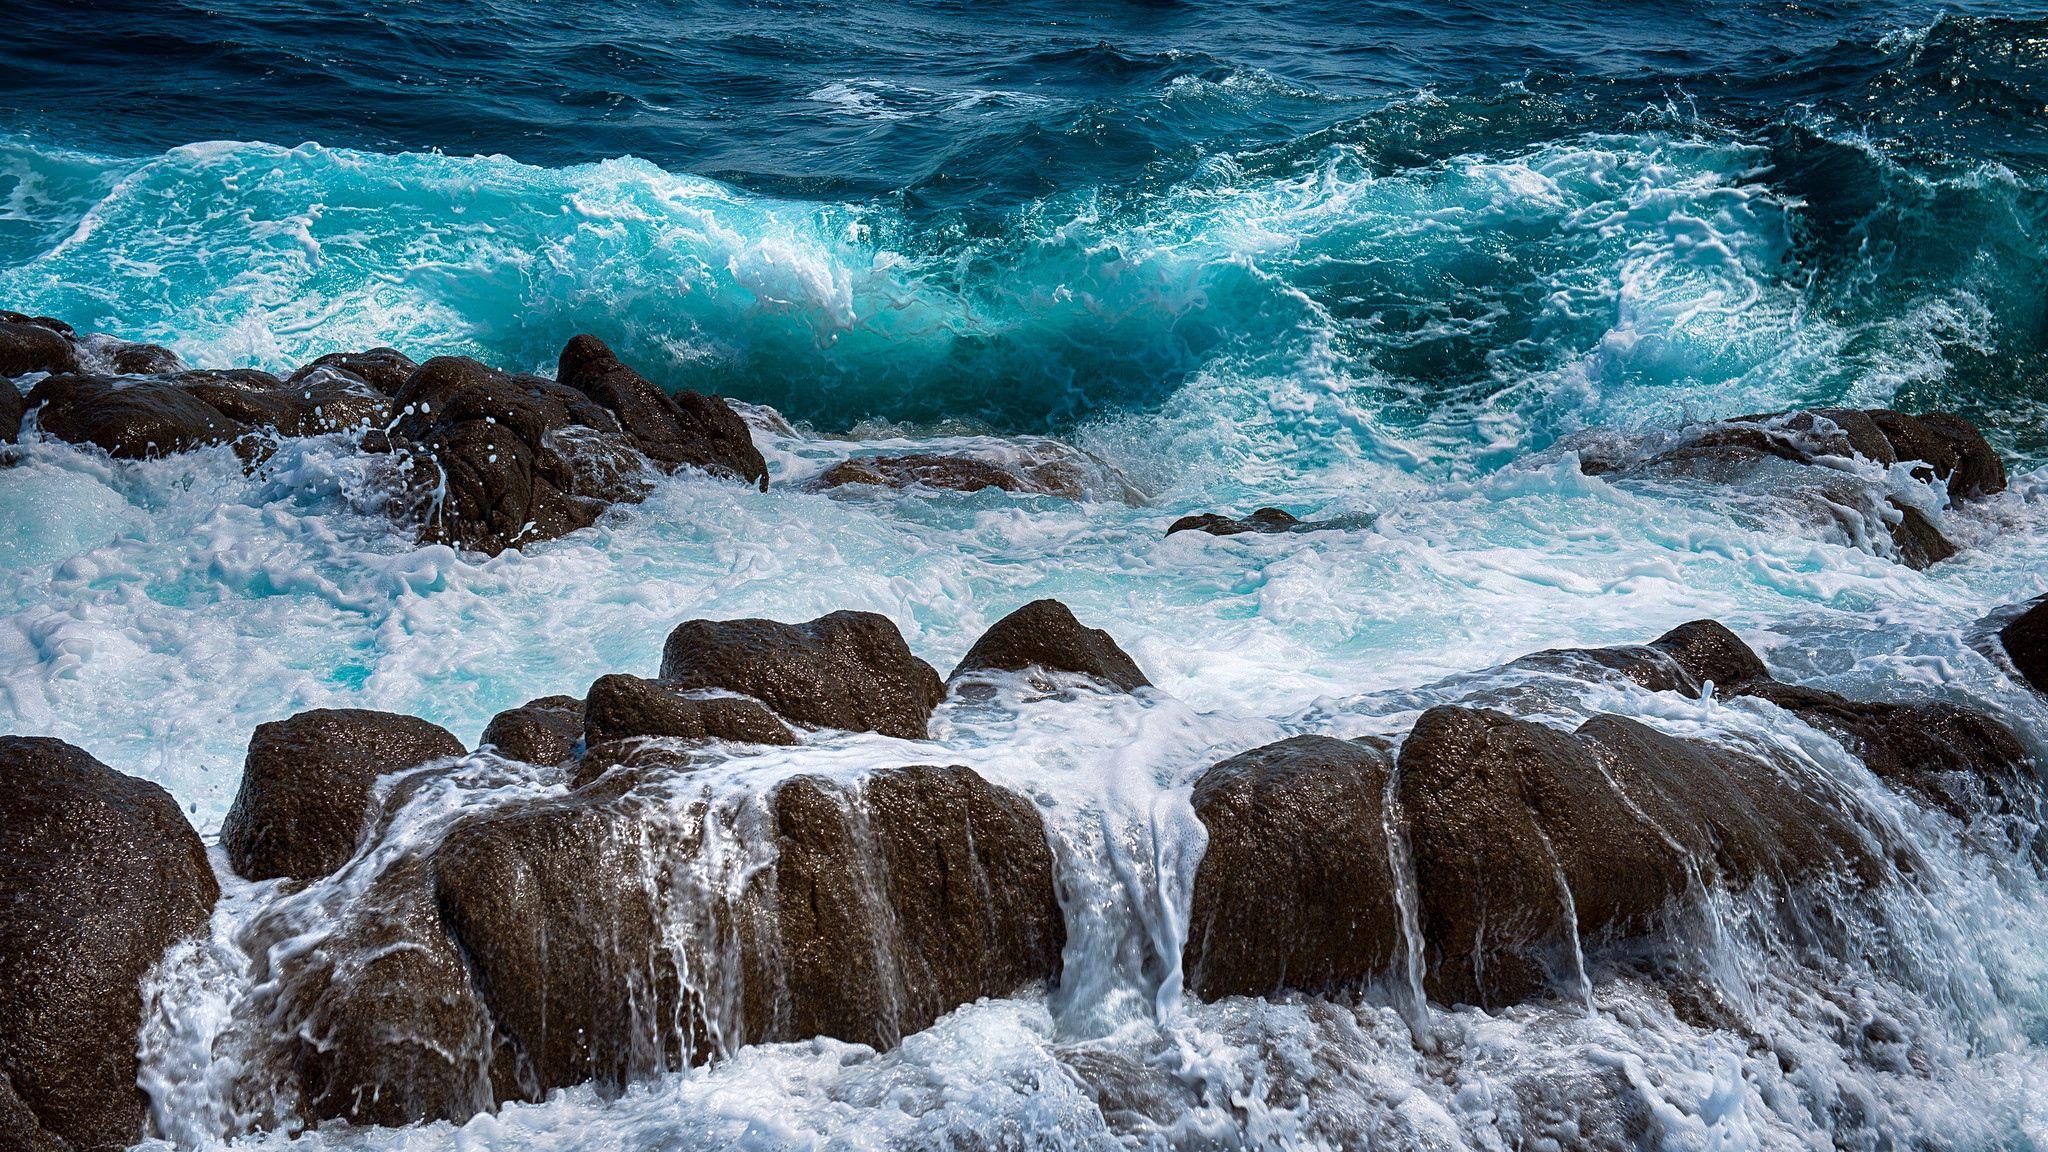 53132 Hintergrundbild herunterladen Natur, Stones, Sea, Surfen, Sprühen, Spray, Schaum - Bildschirmschoner und Bilder kostenlos